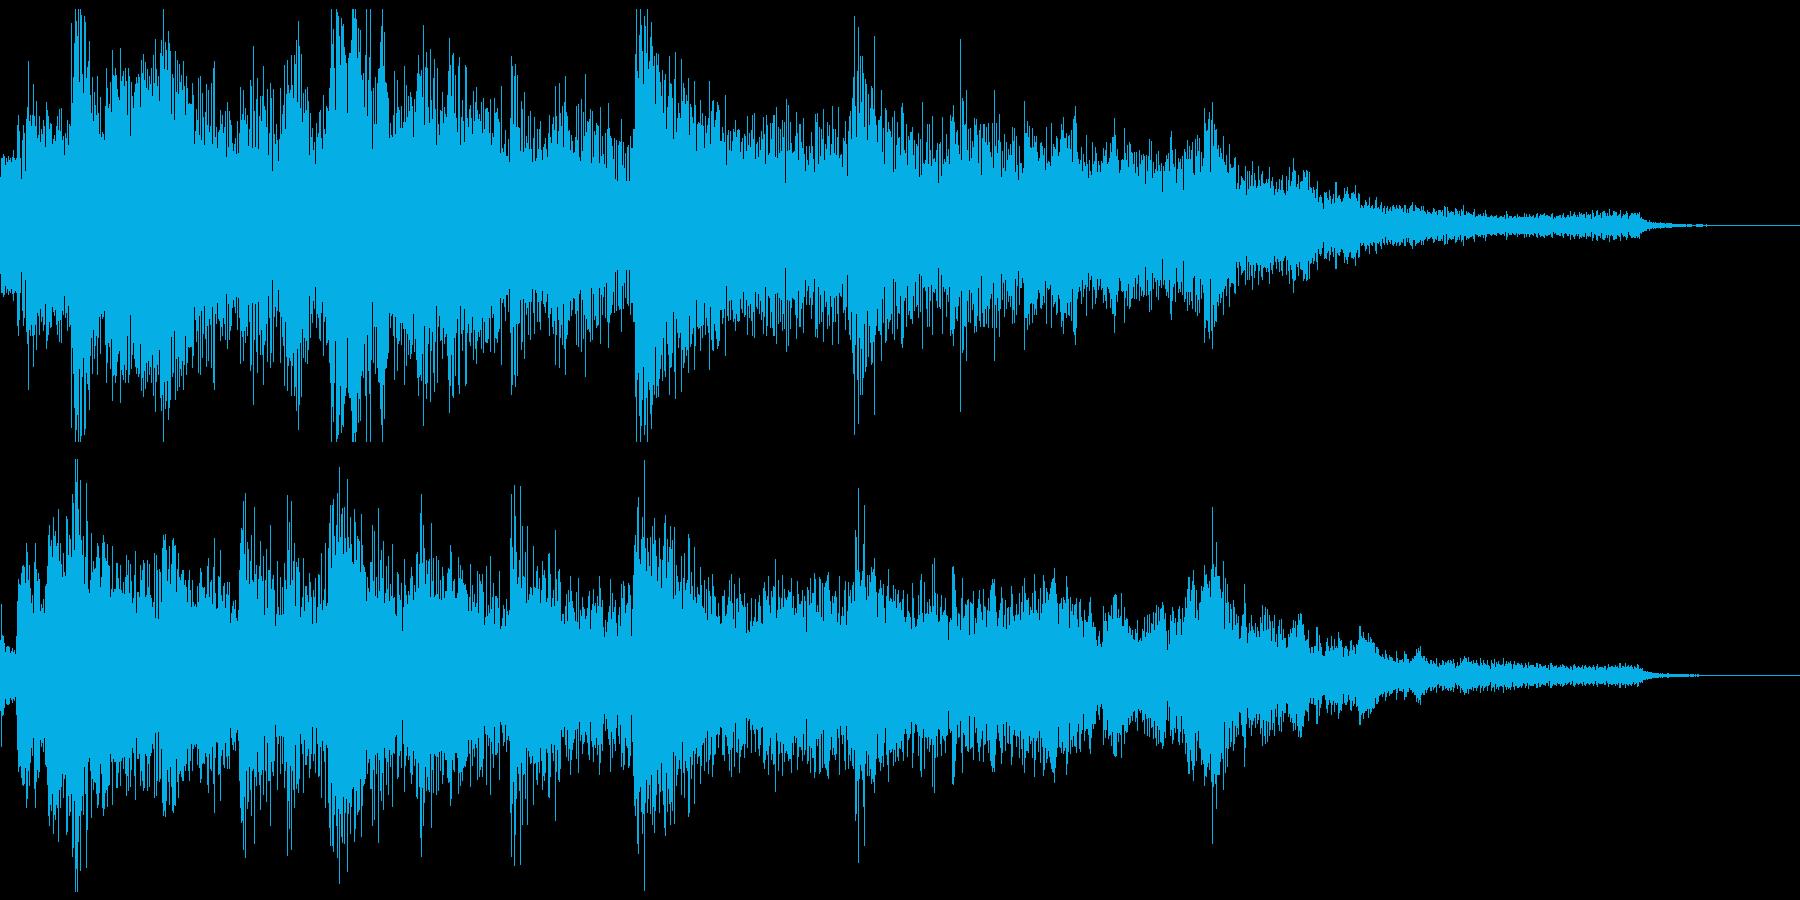 ゲームオーバー・戦闘不能 のジングルの再生済みの波形